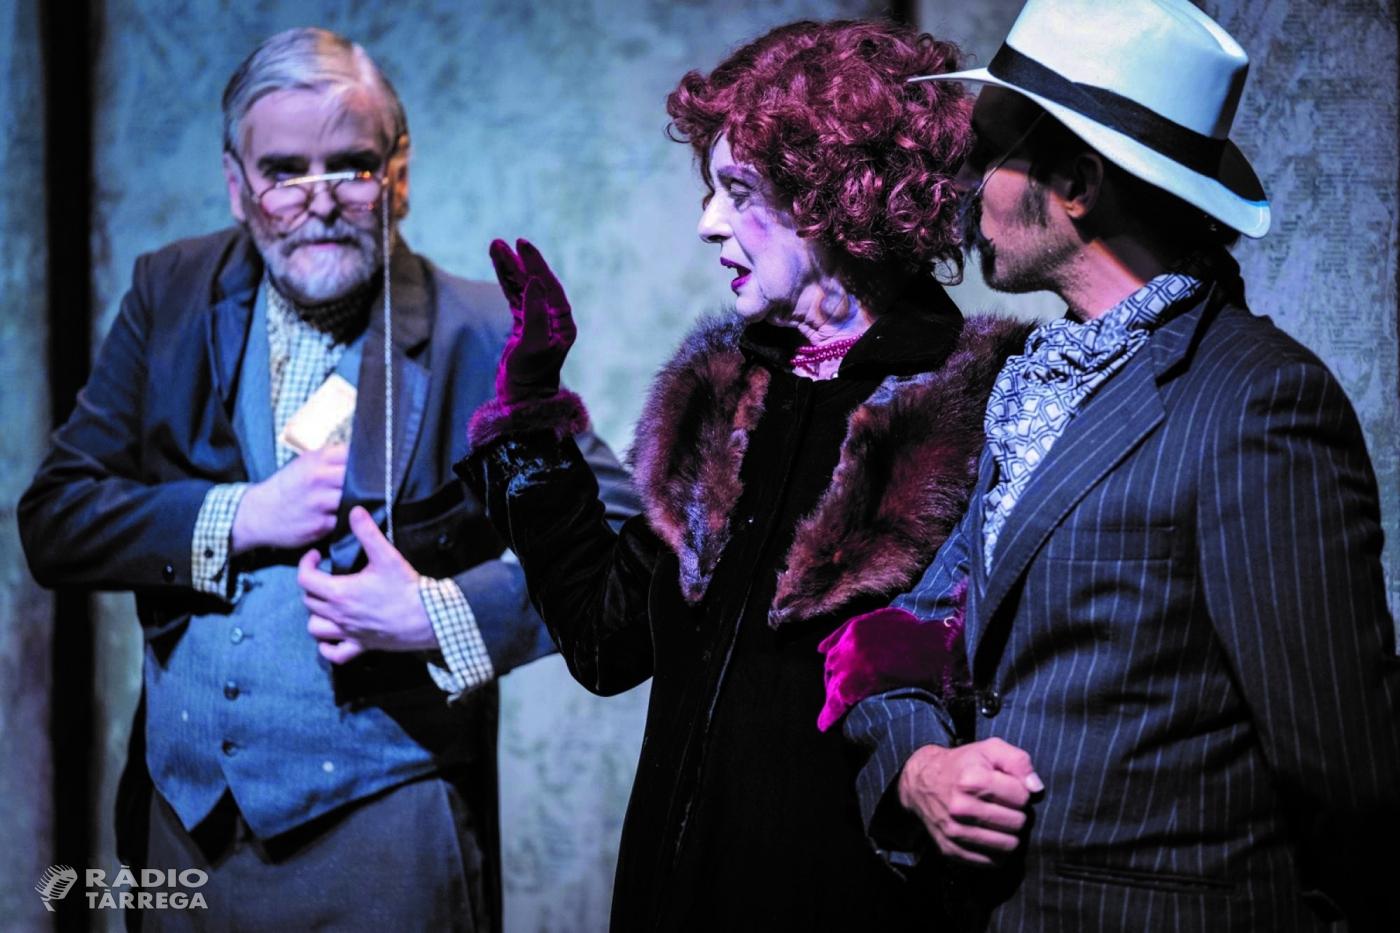 """Tàrrega aixeca el teló de la nova Temporada de Teatre el diumenge 7 d'octubre amb """"La visita de la vella dama"""", protagonitzada per Vicky Peña"""